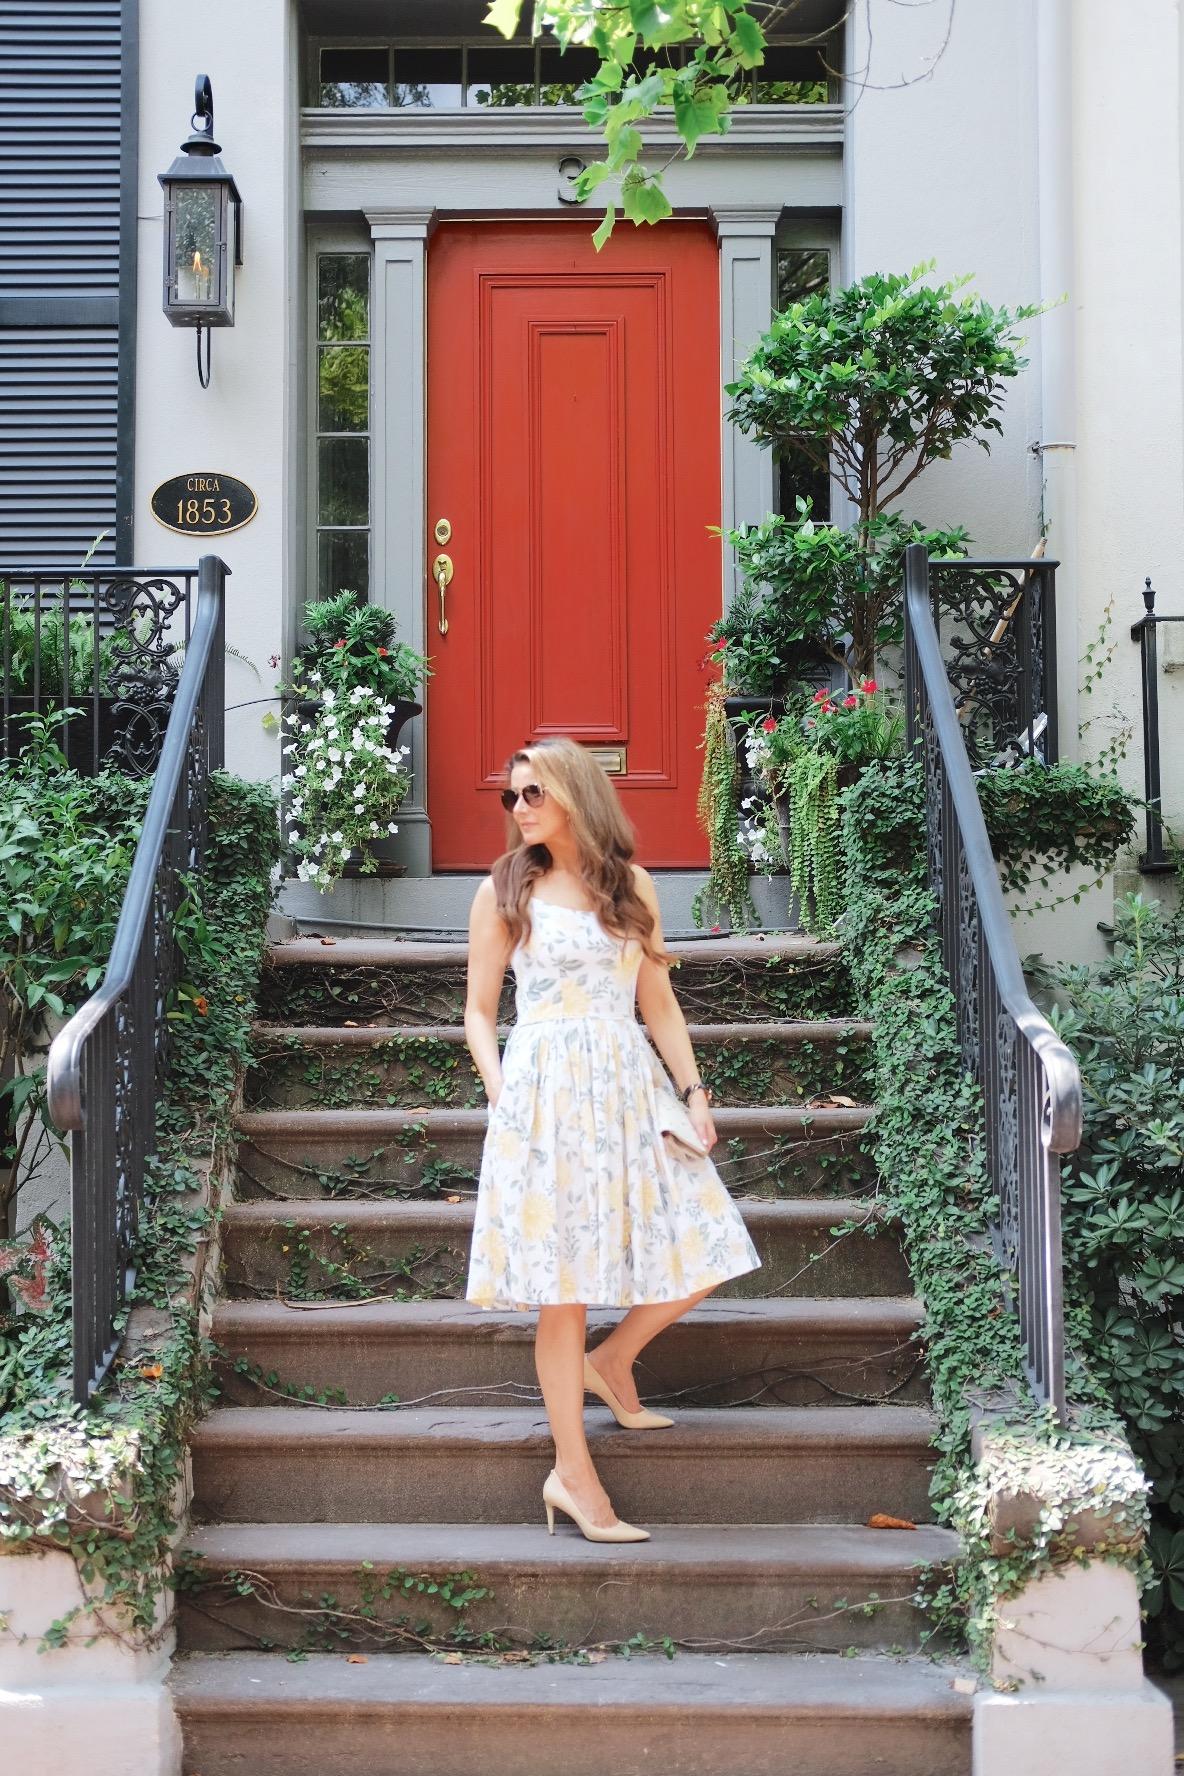 Brenna Lauren on steps in front of red door Savannah, Georgia